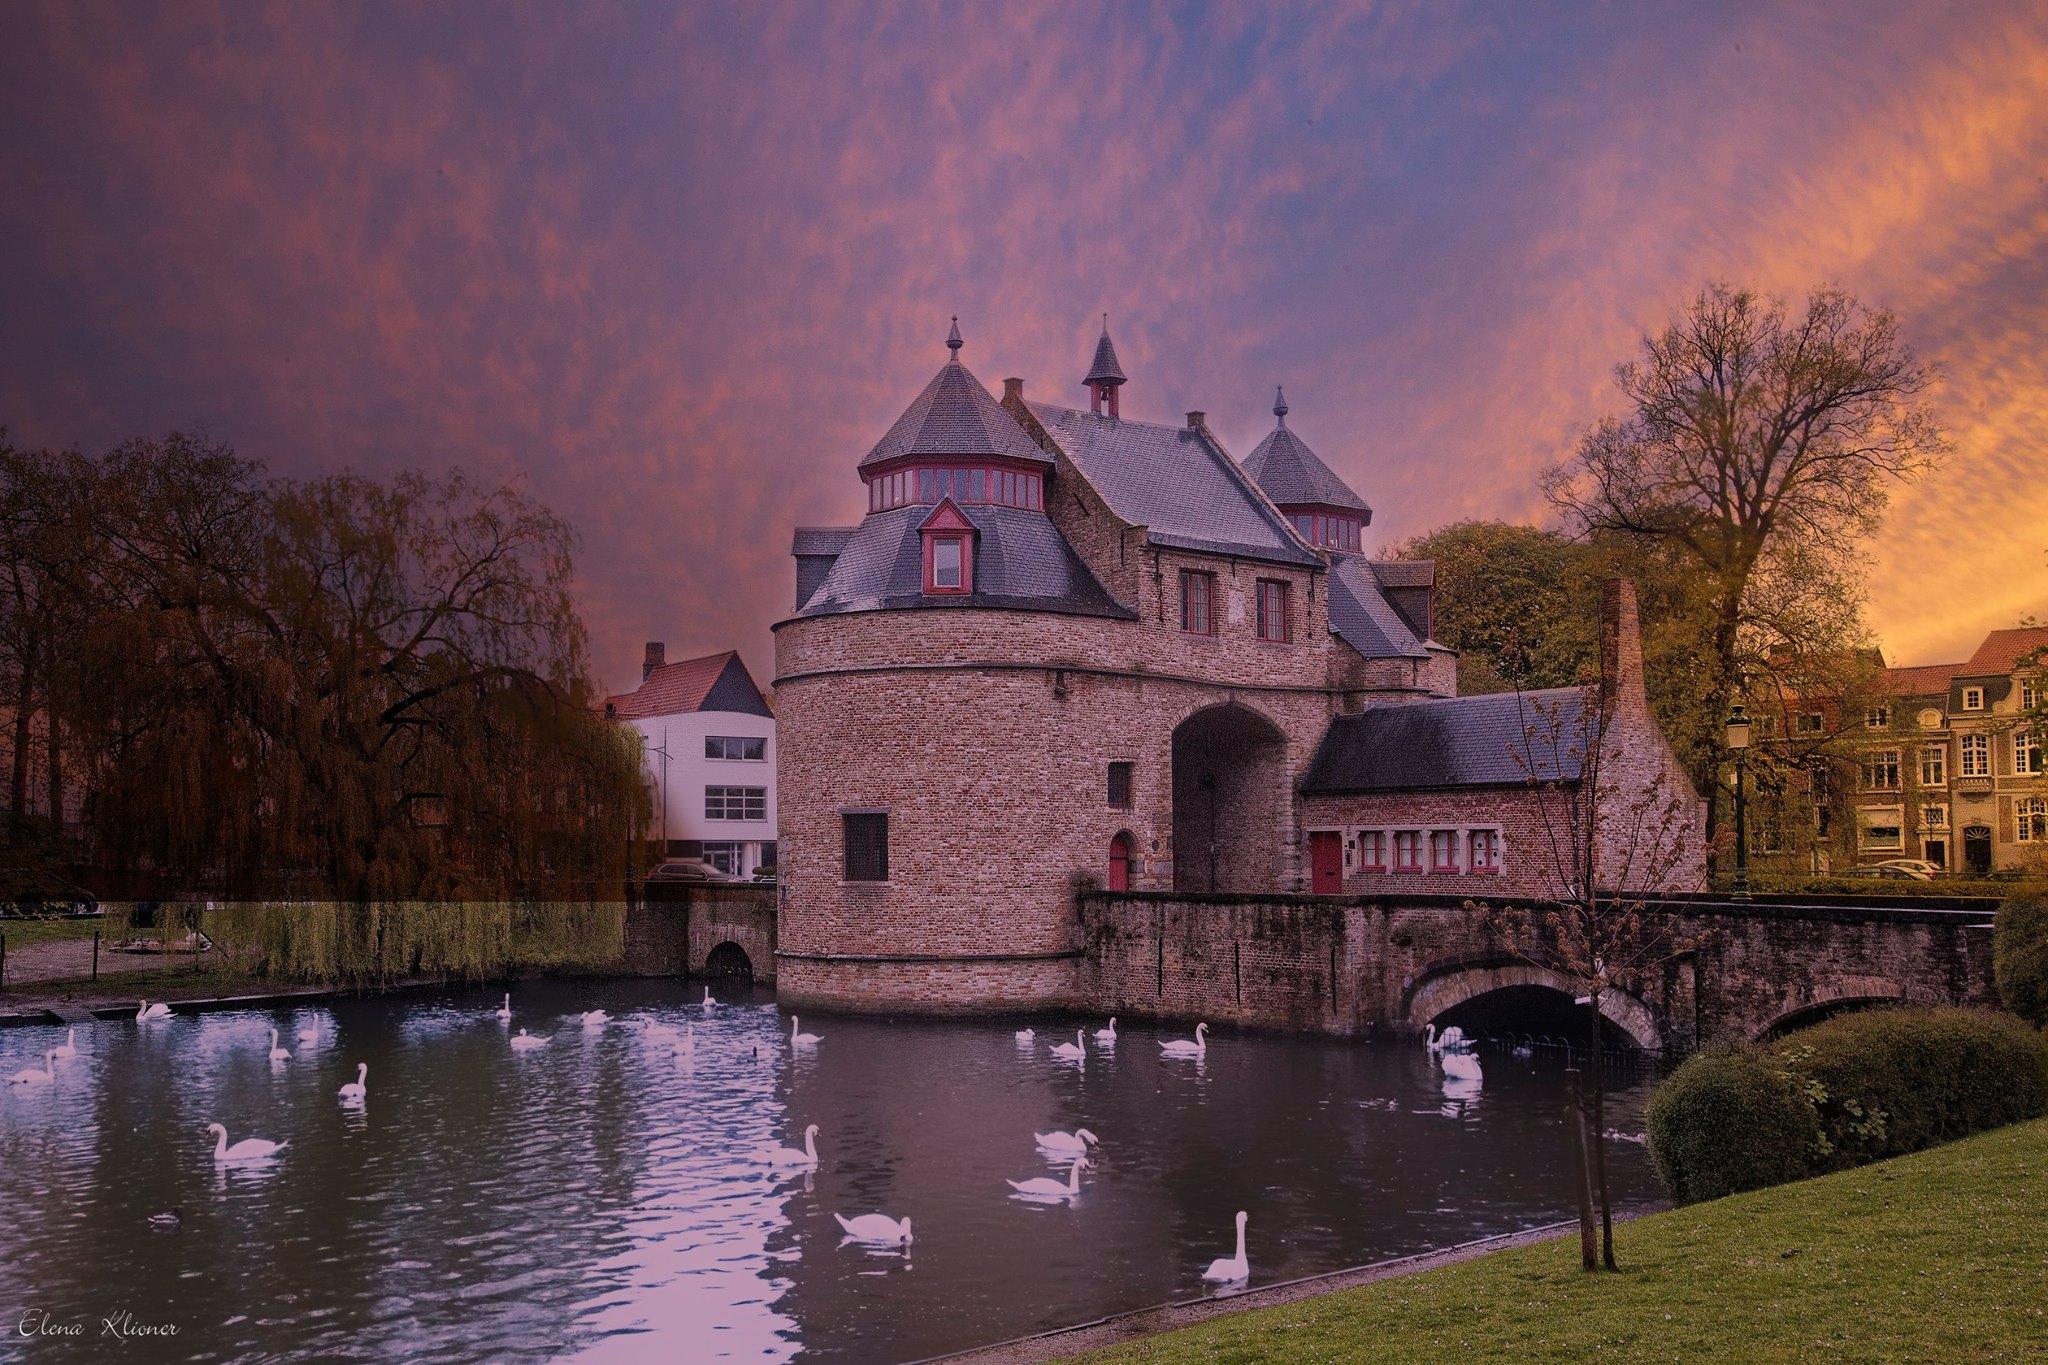 smedenpoort, Belgium